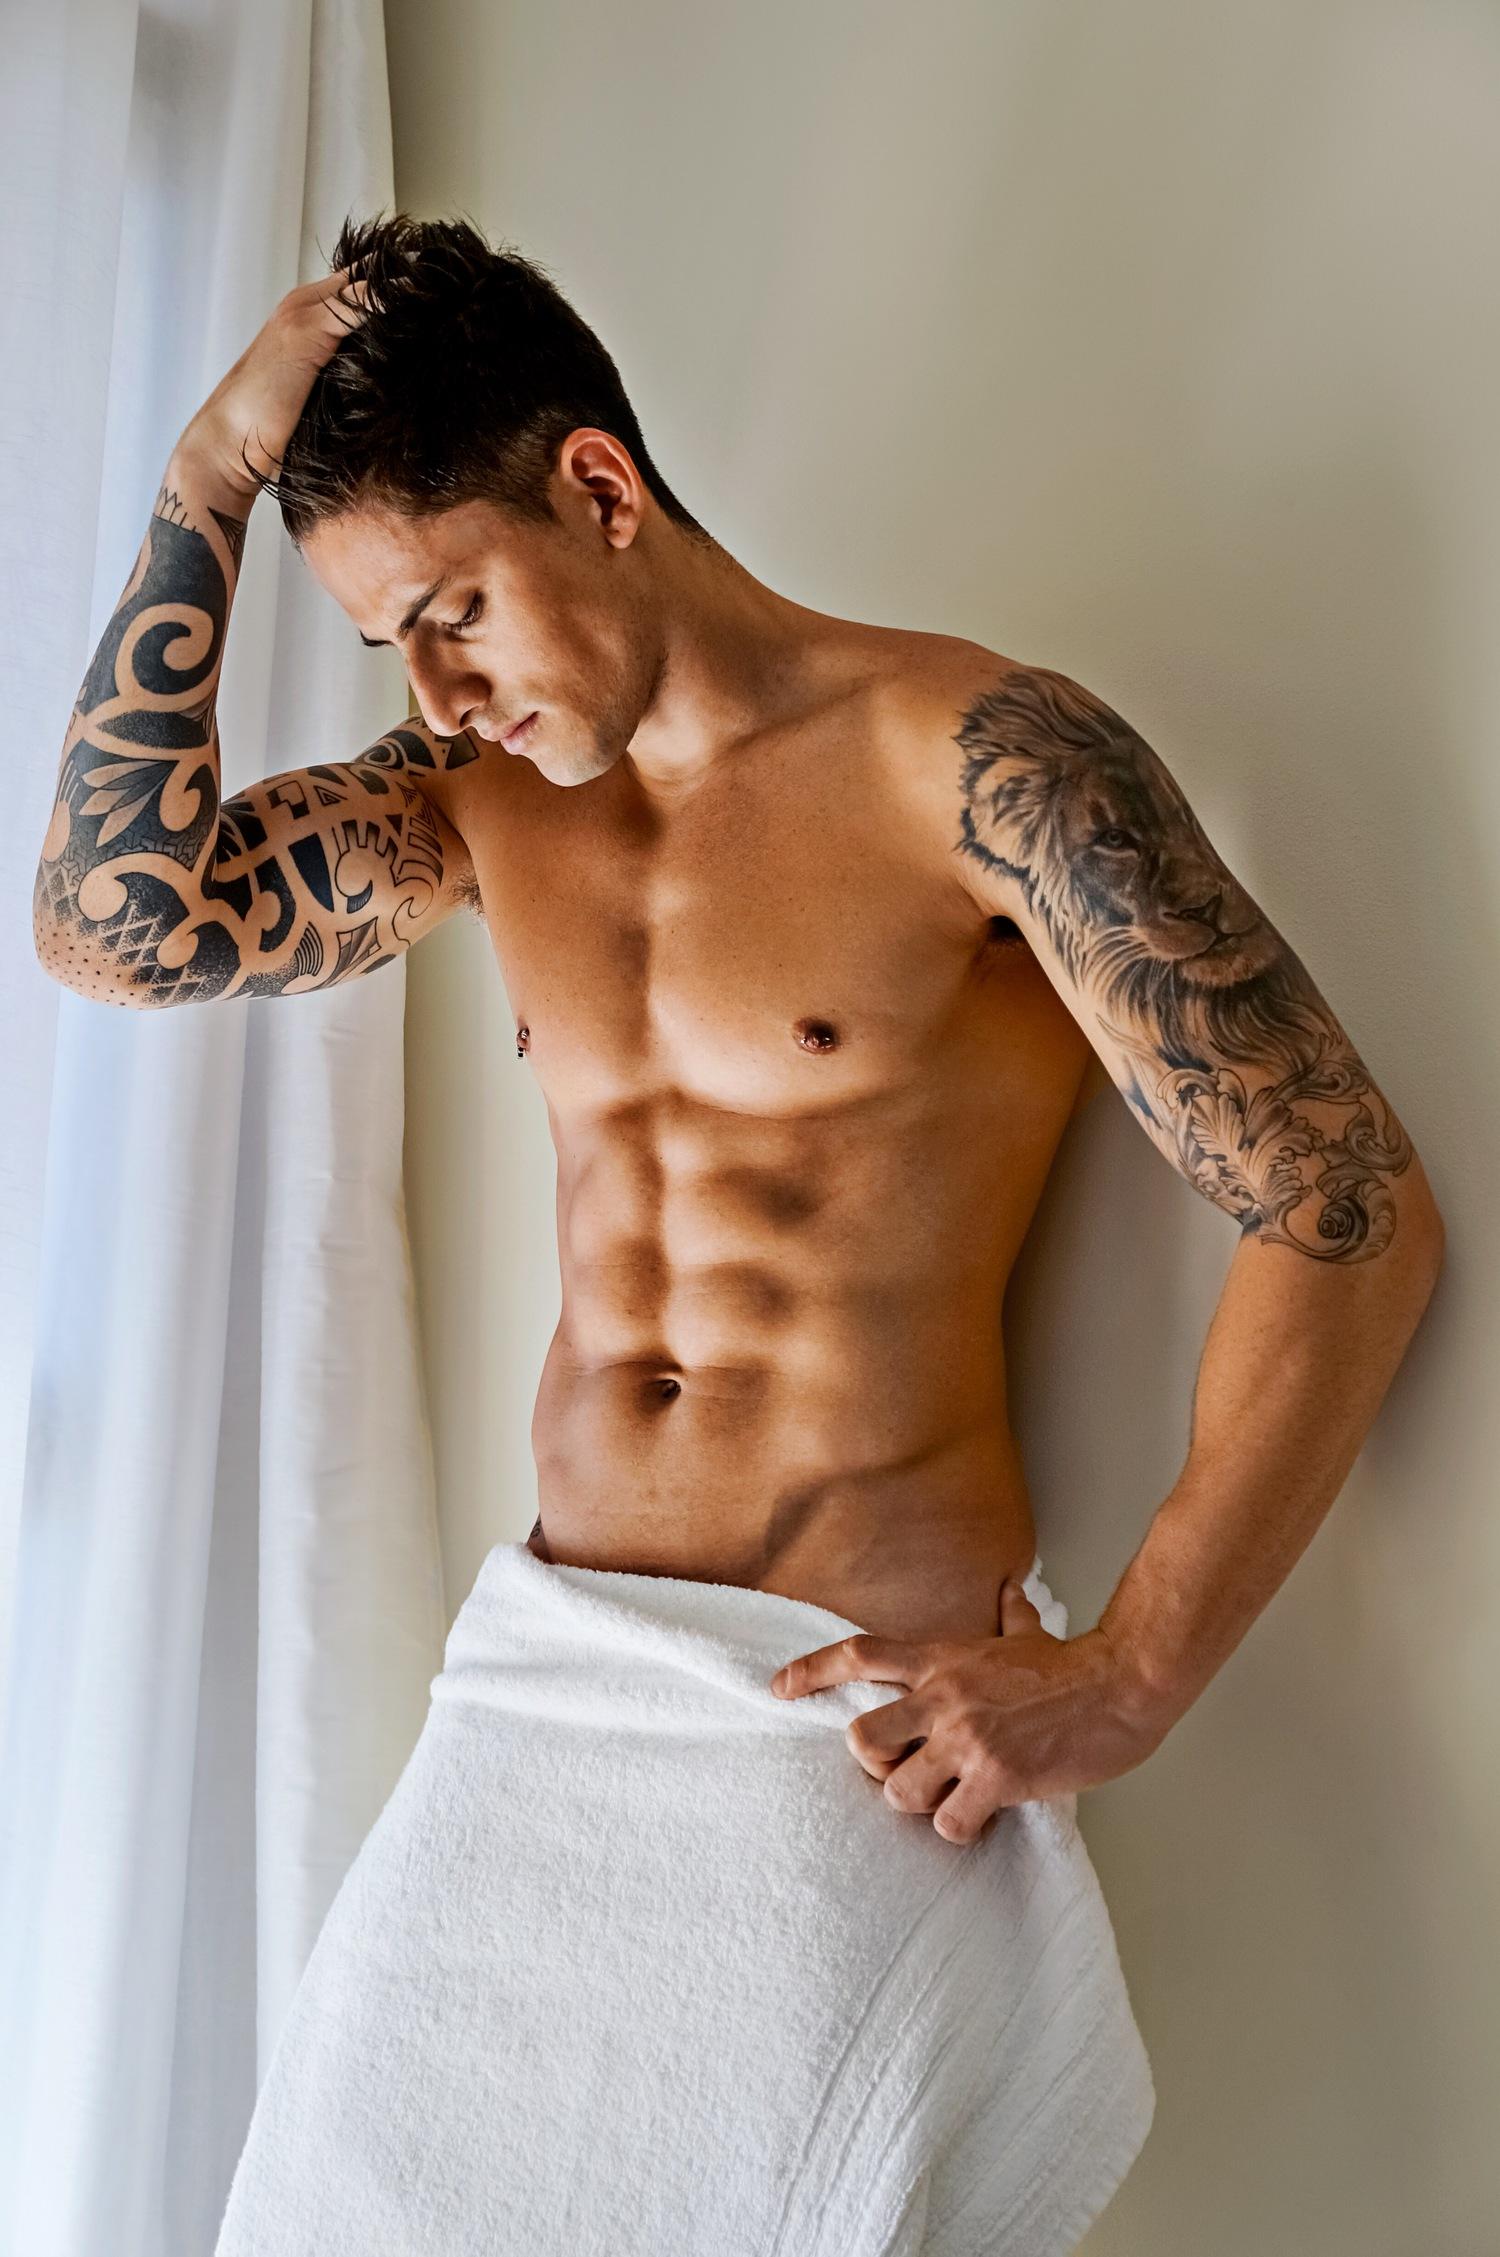 Adon Exclusive: Model Danilo Borgato By Mattheus Lian